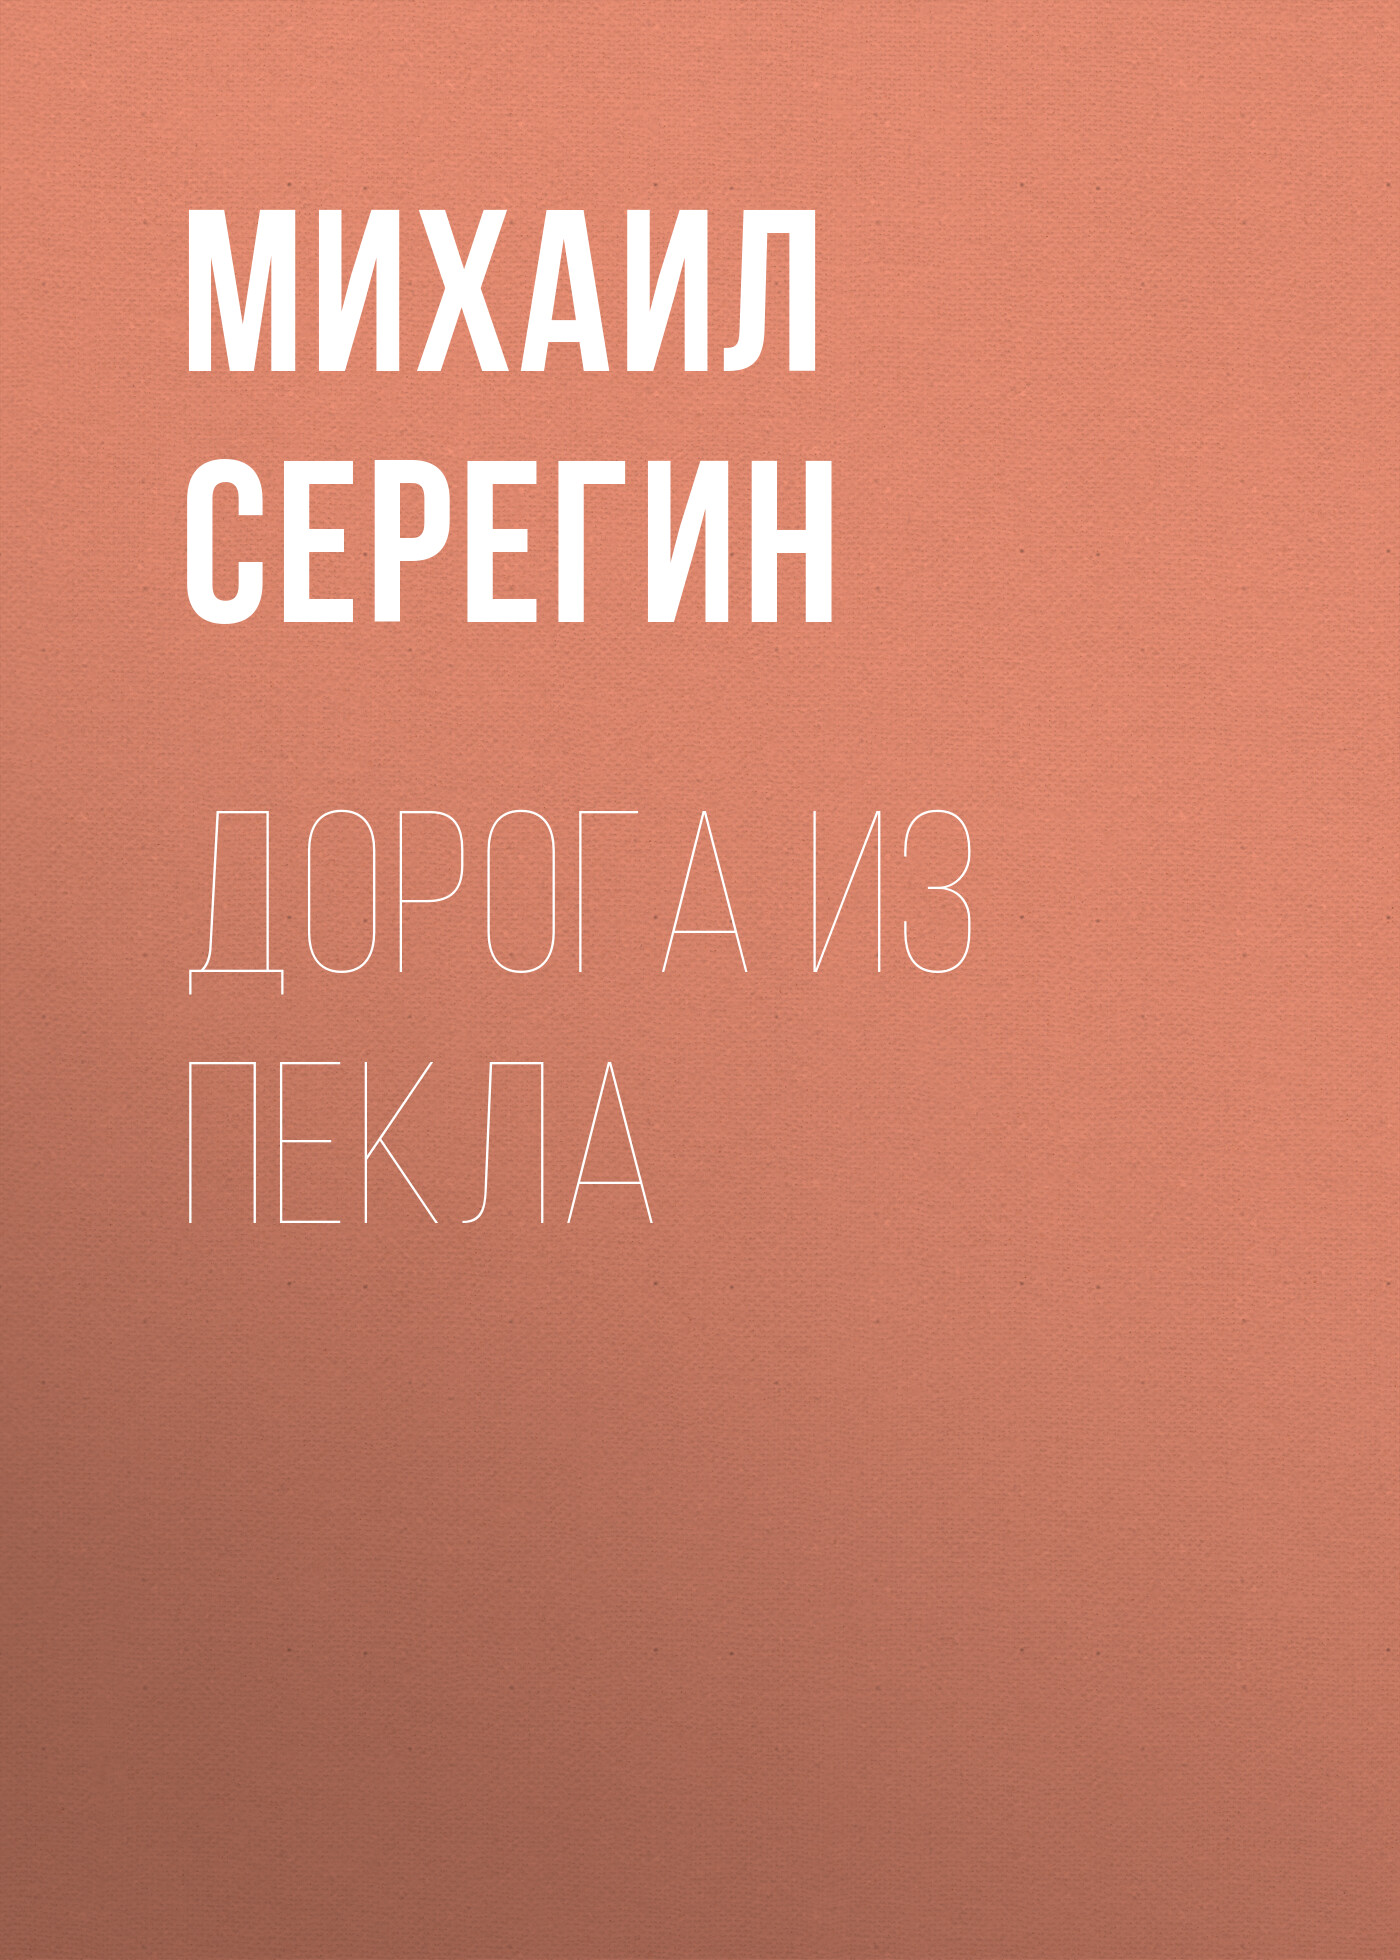 купить Михаил Серегин Дорога из пекла по цене 89.9 рублей